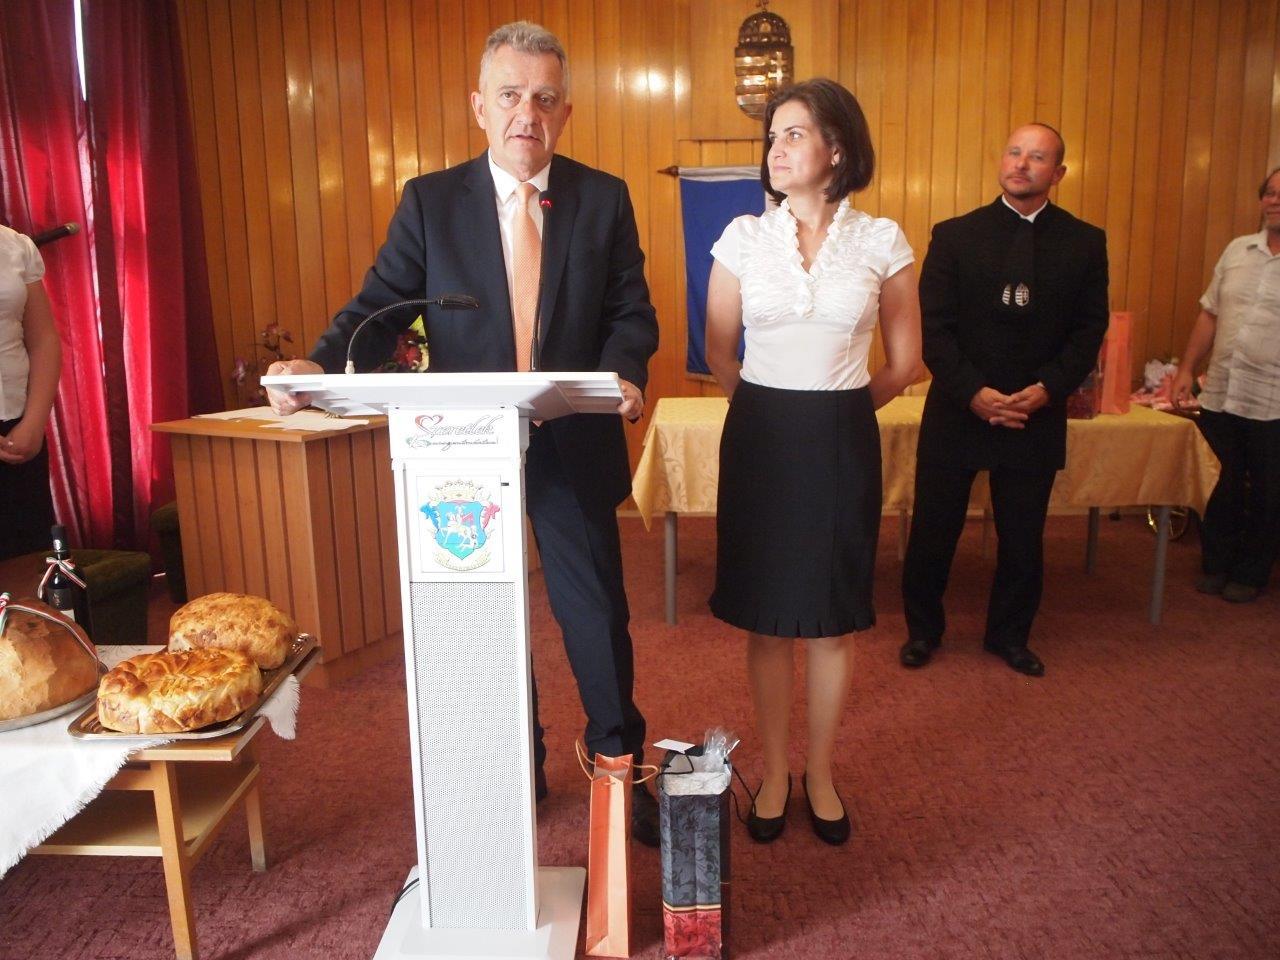 02Teteerow polgármester-beszéd